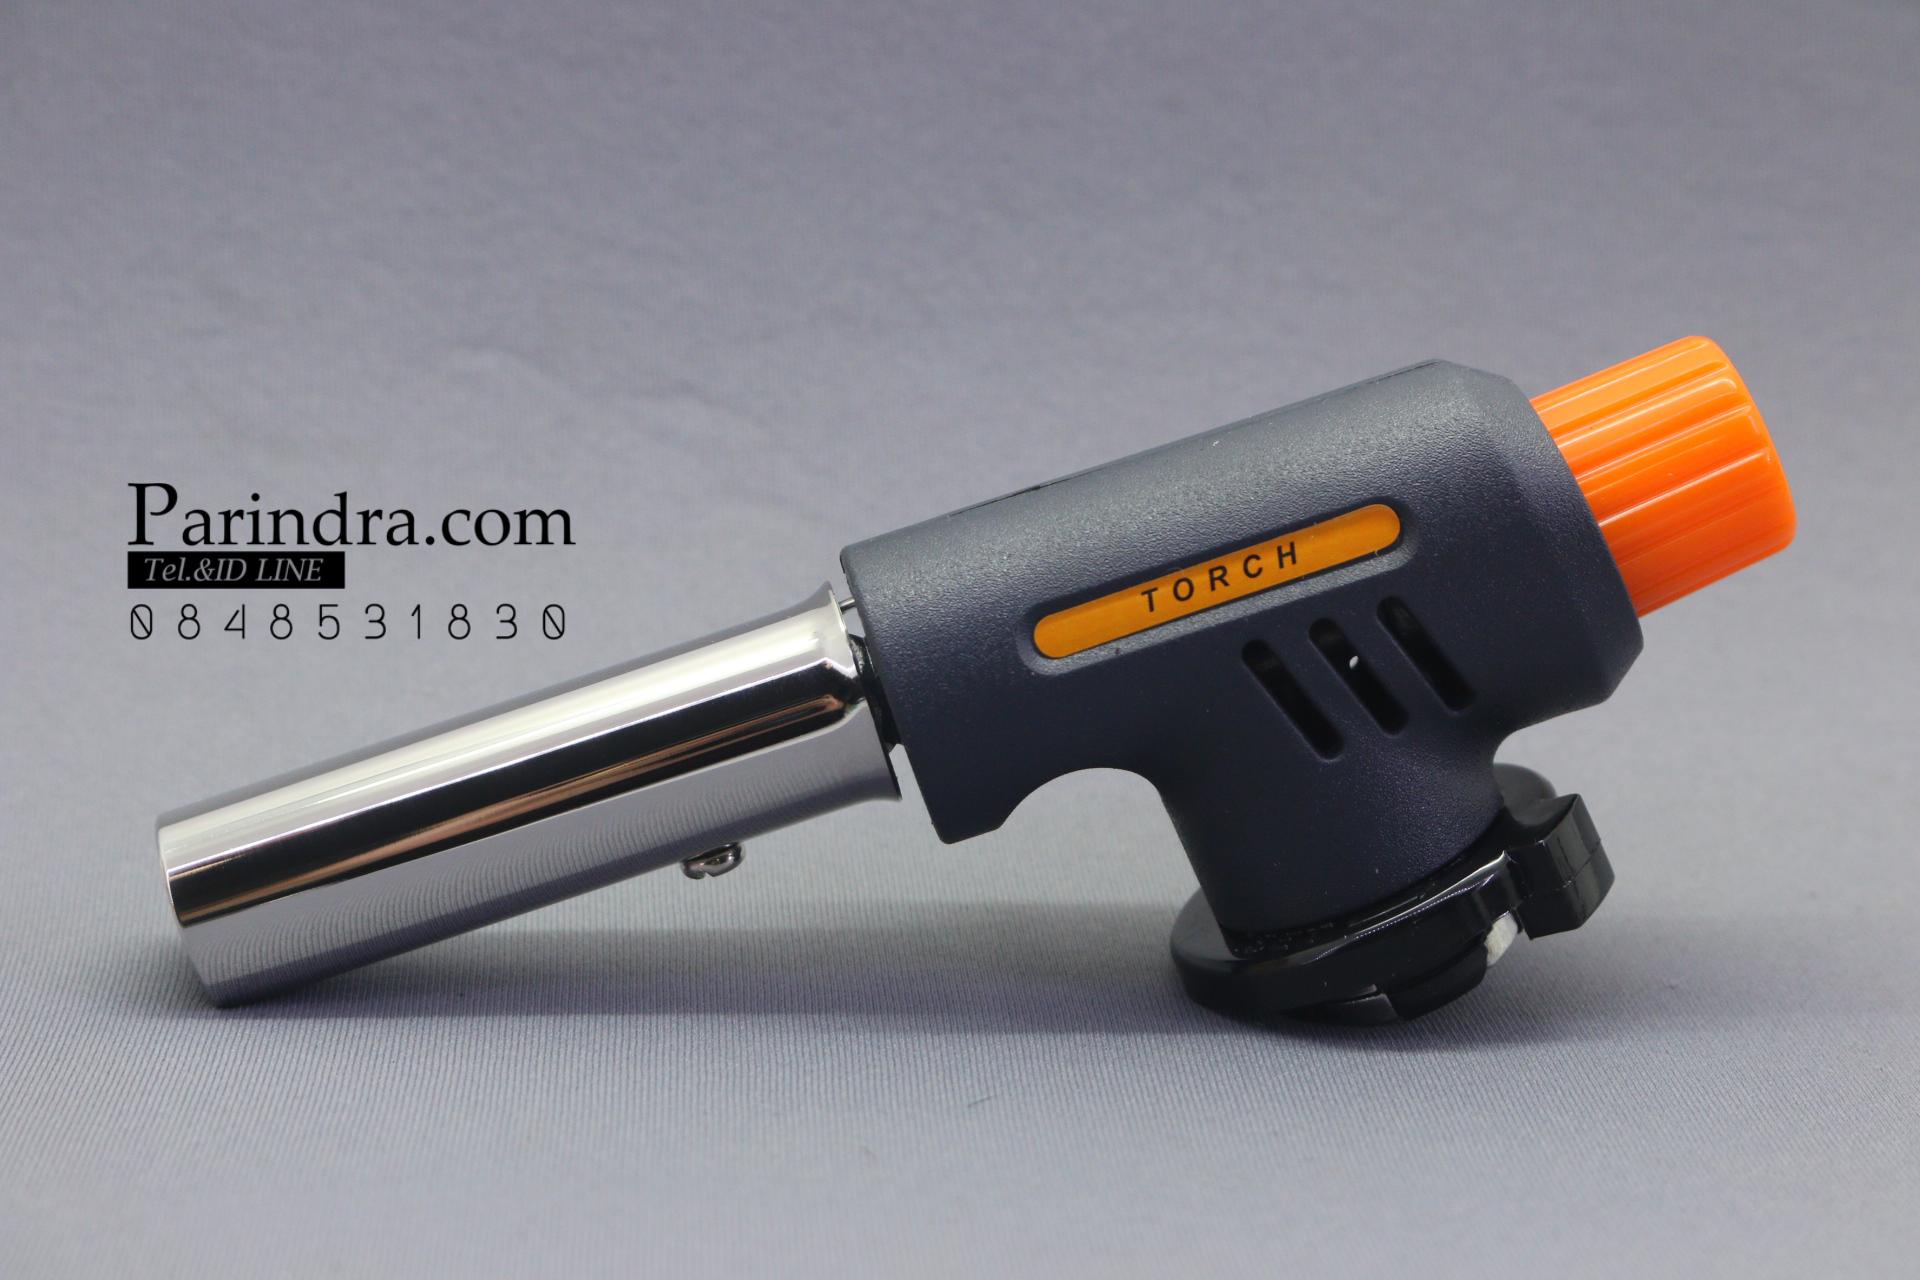 หัวไฟแช็คแก๊สความร้อนสูง Multi Purpose Torch รุ่น WS-502C